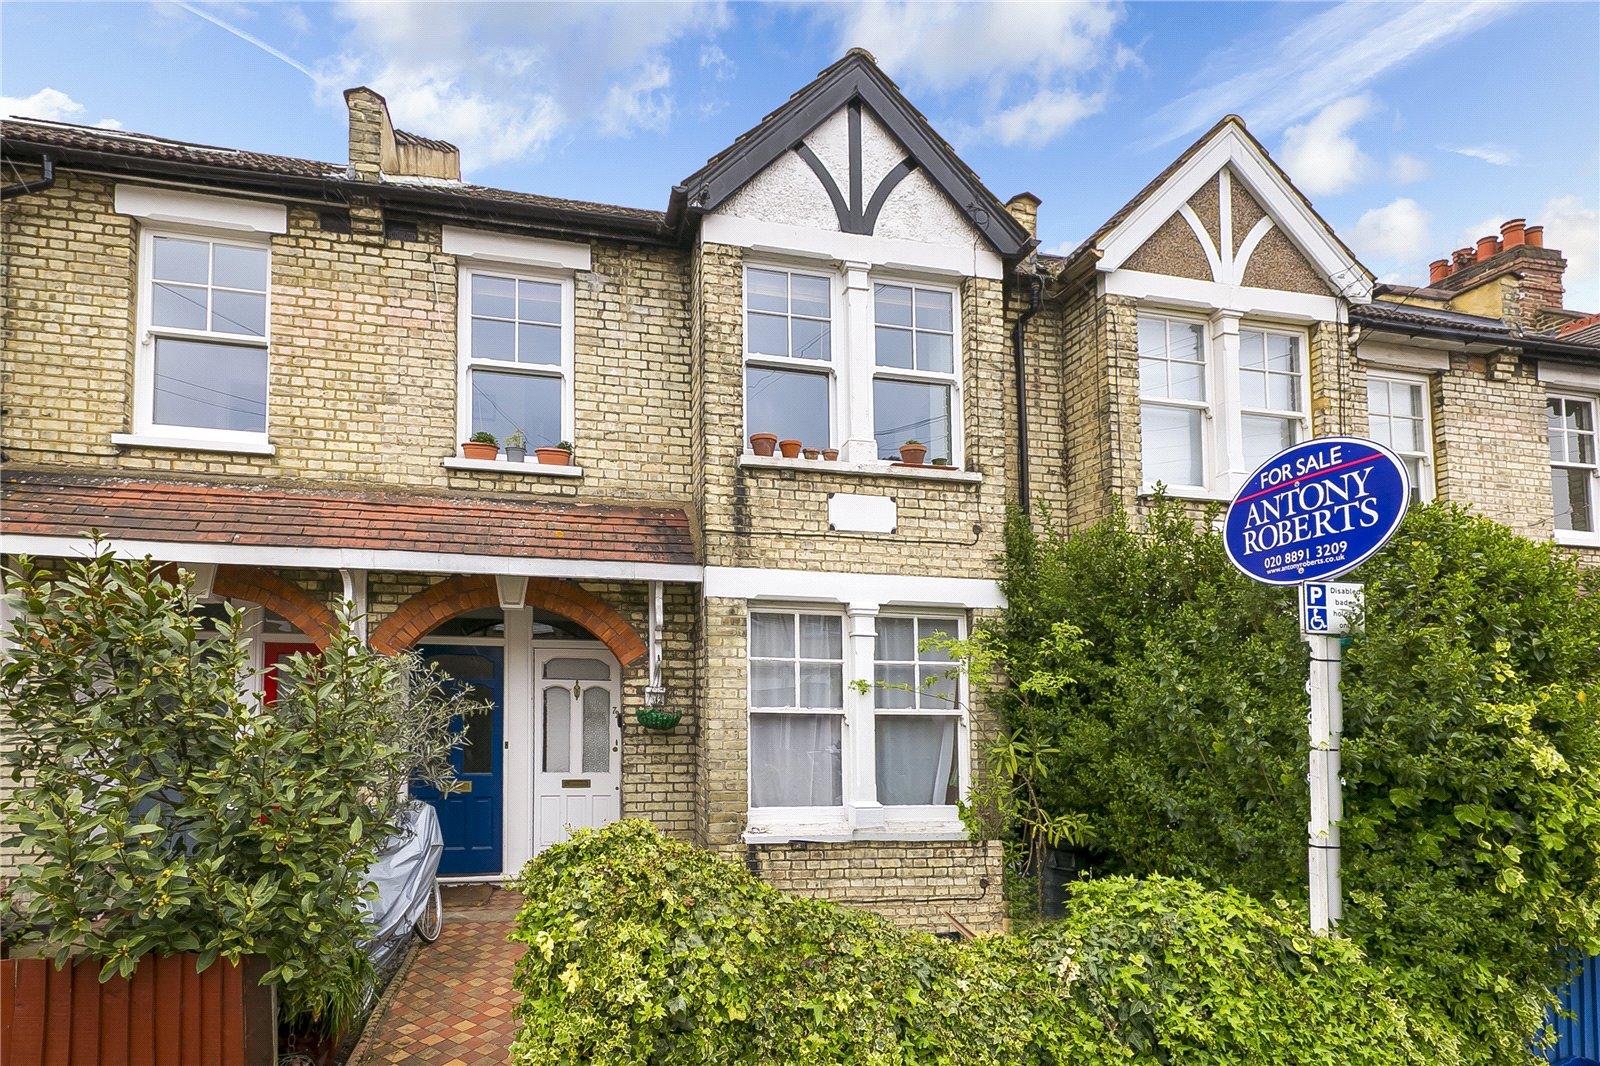 Kenley Road, St Margarets, TW1 1JU - Antony Roberts